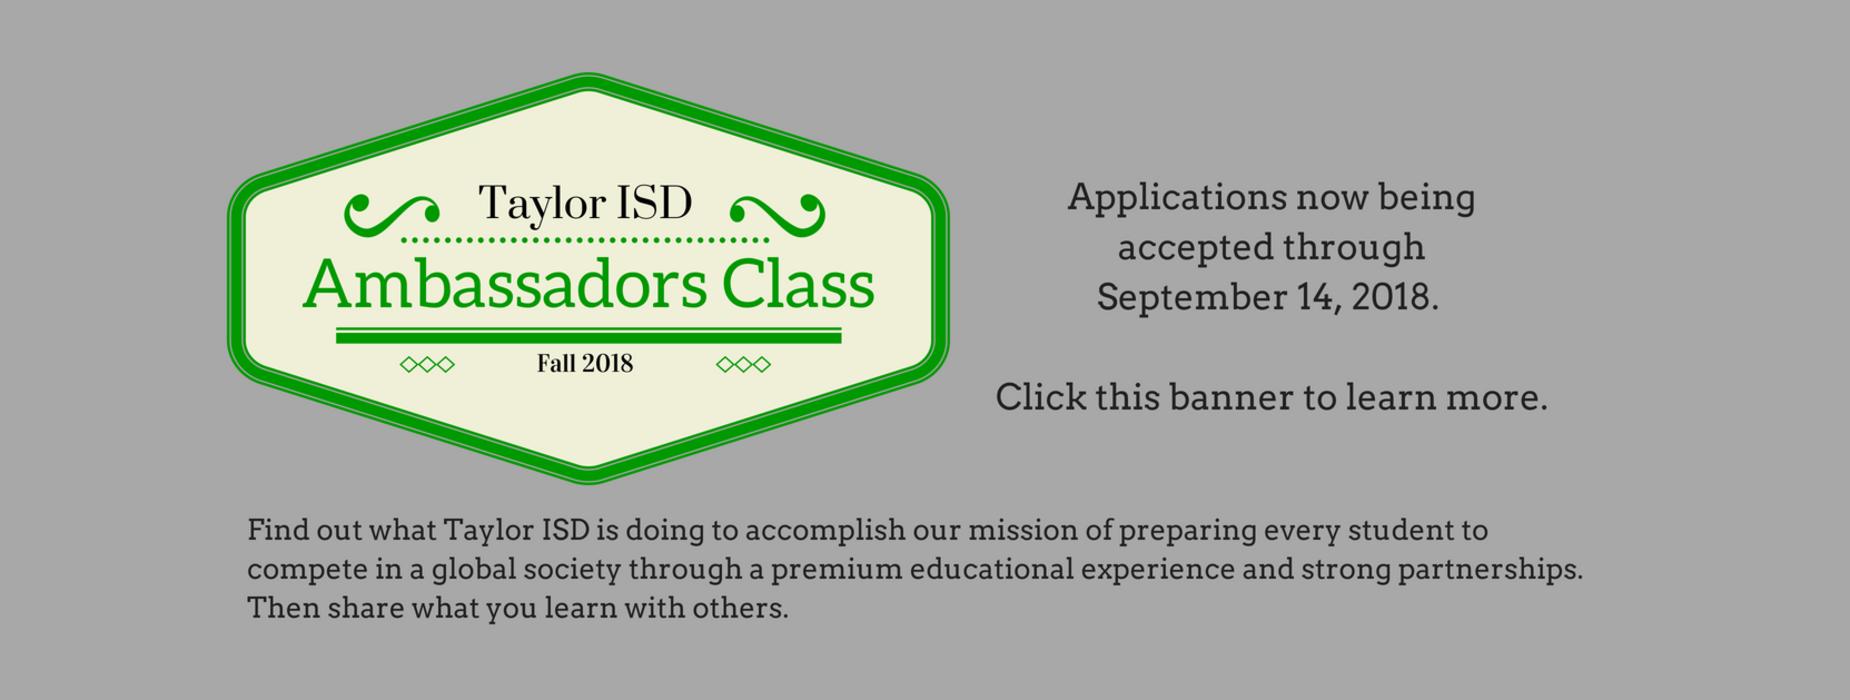 Ambassador's Class